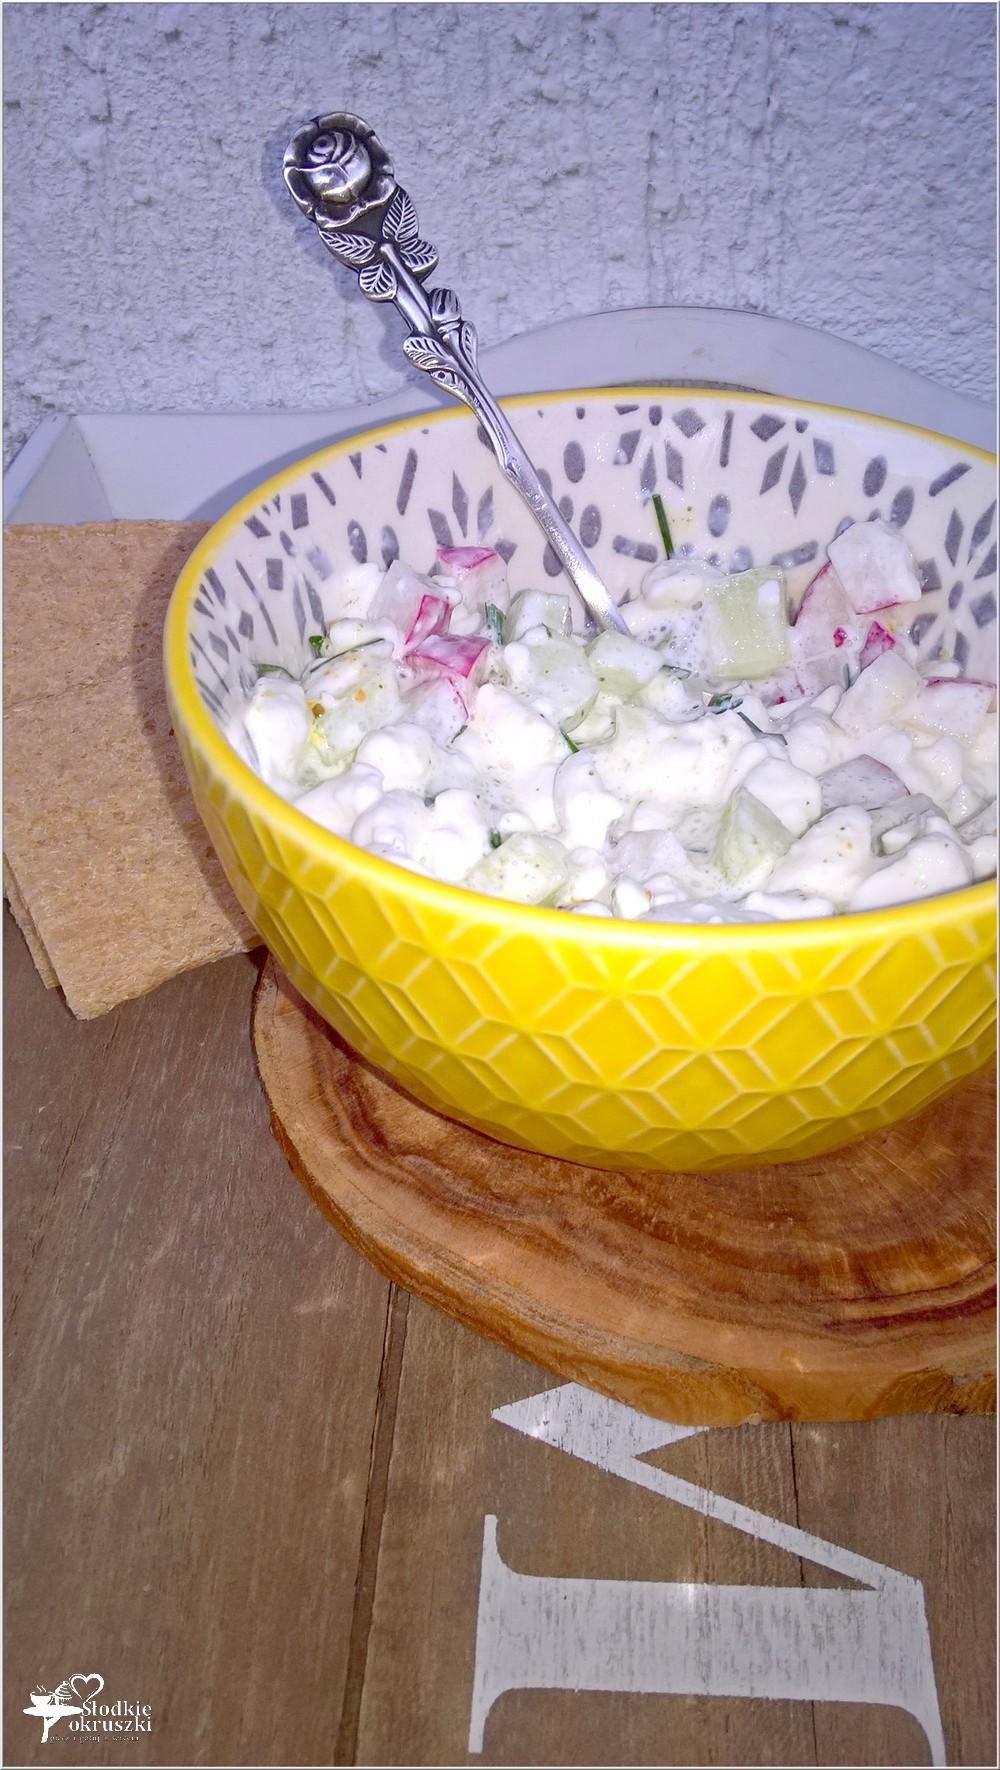 Lekkie śniadanie. Serek wiejski z ziołami, ogórkiem i rzodkiewką (1)